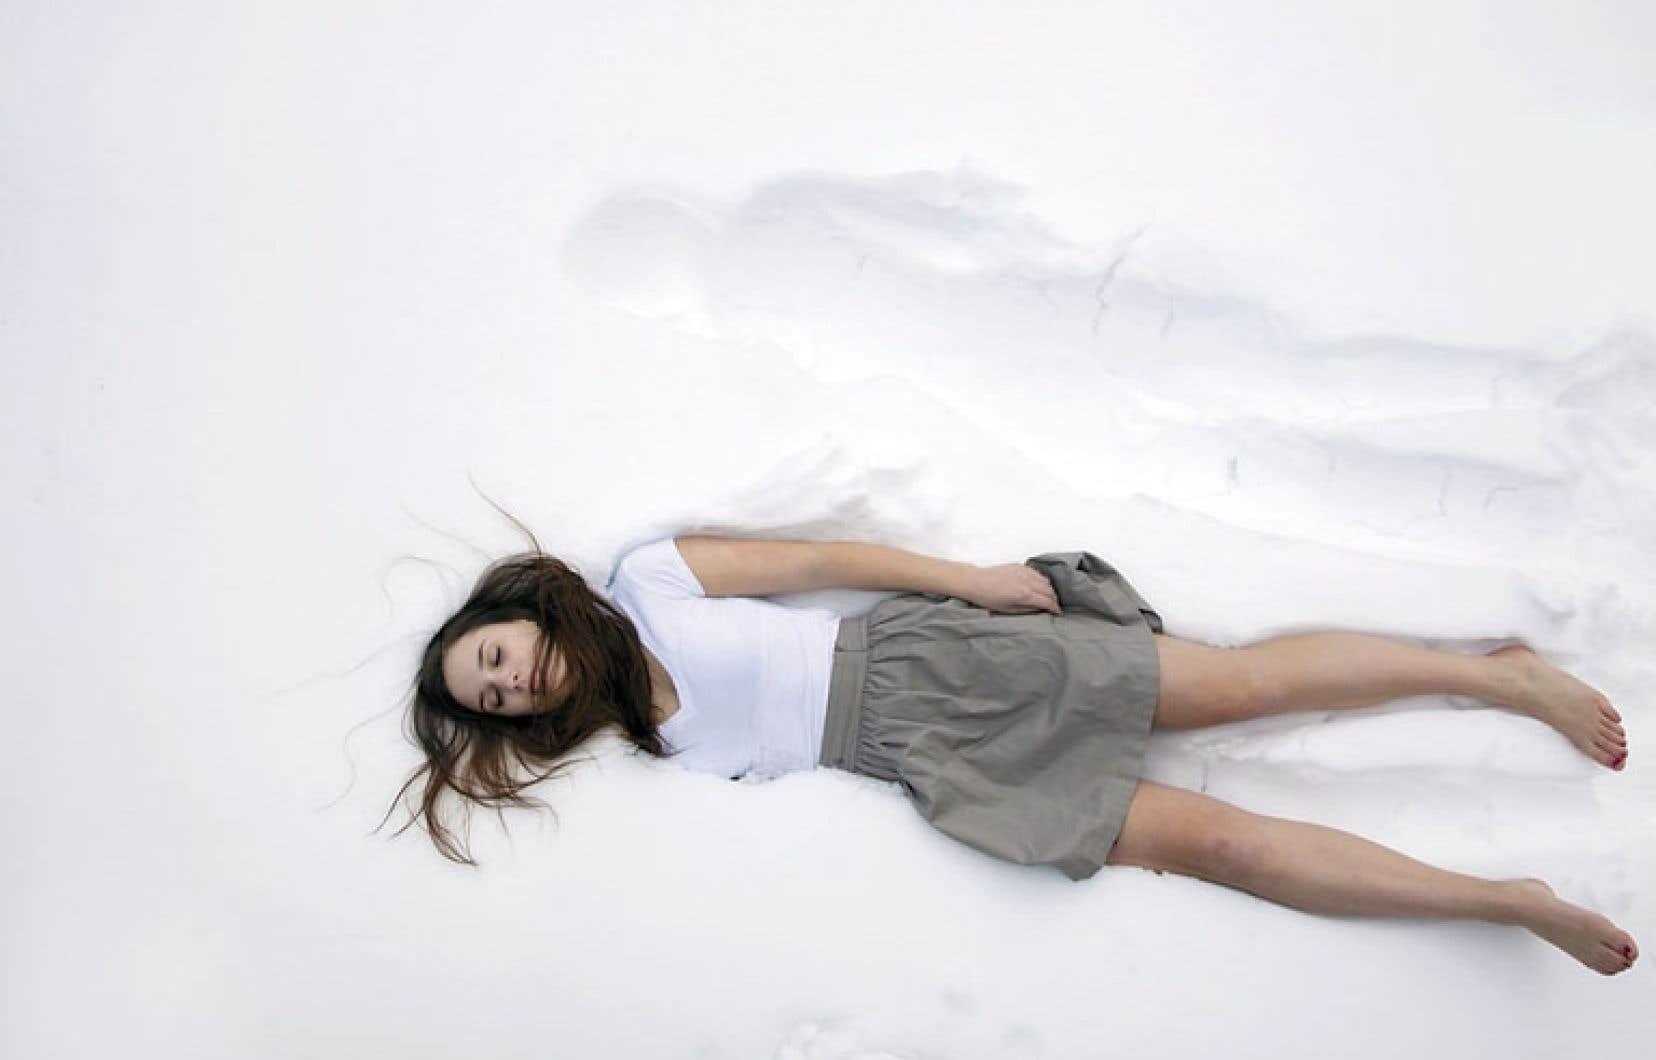 Un extrait de La lignée, une œuvre d'Anne-Renée Hotte faisant partie de l'exposition La lenteur et autres soubresauts